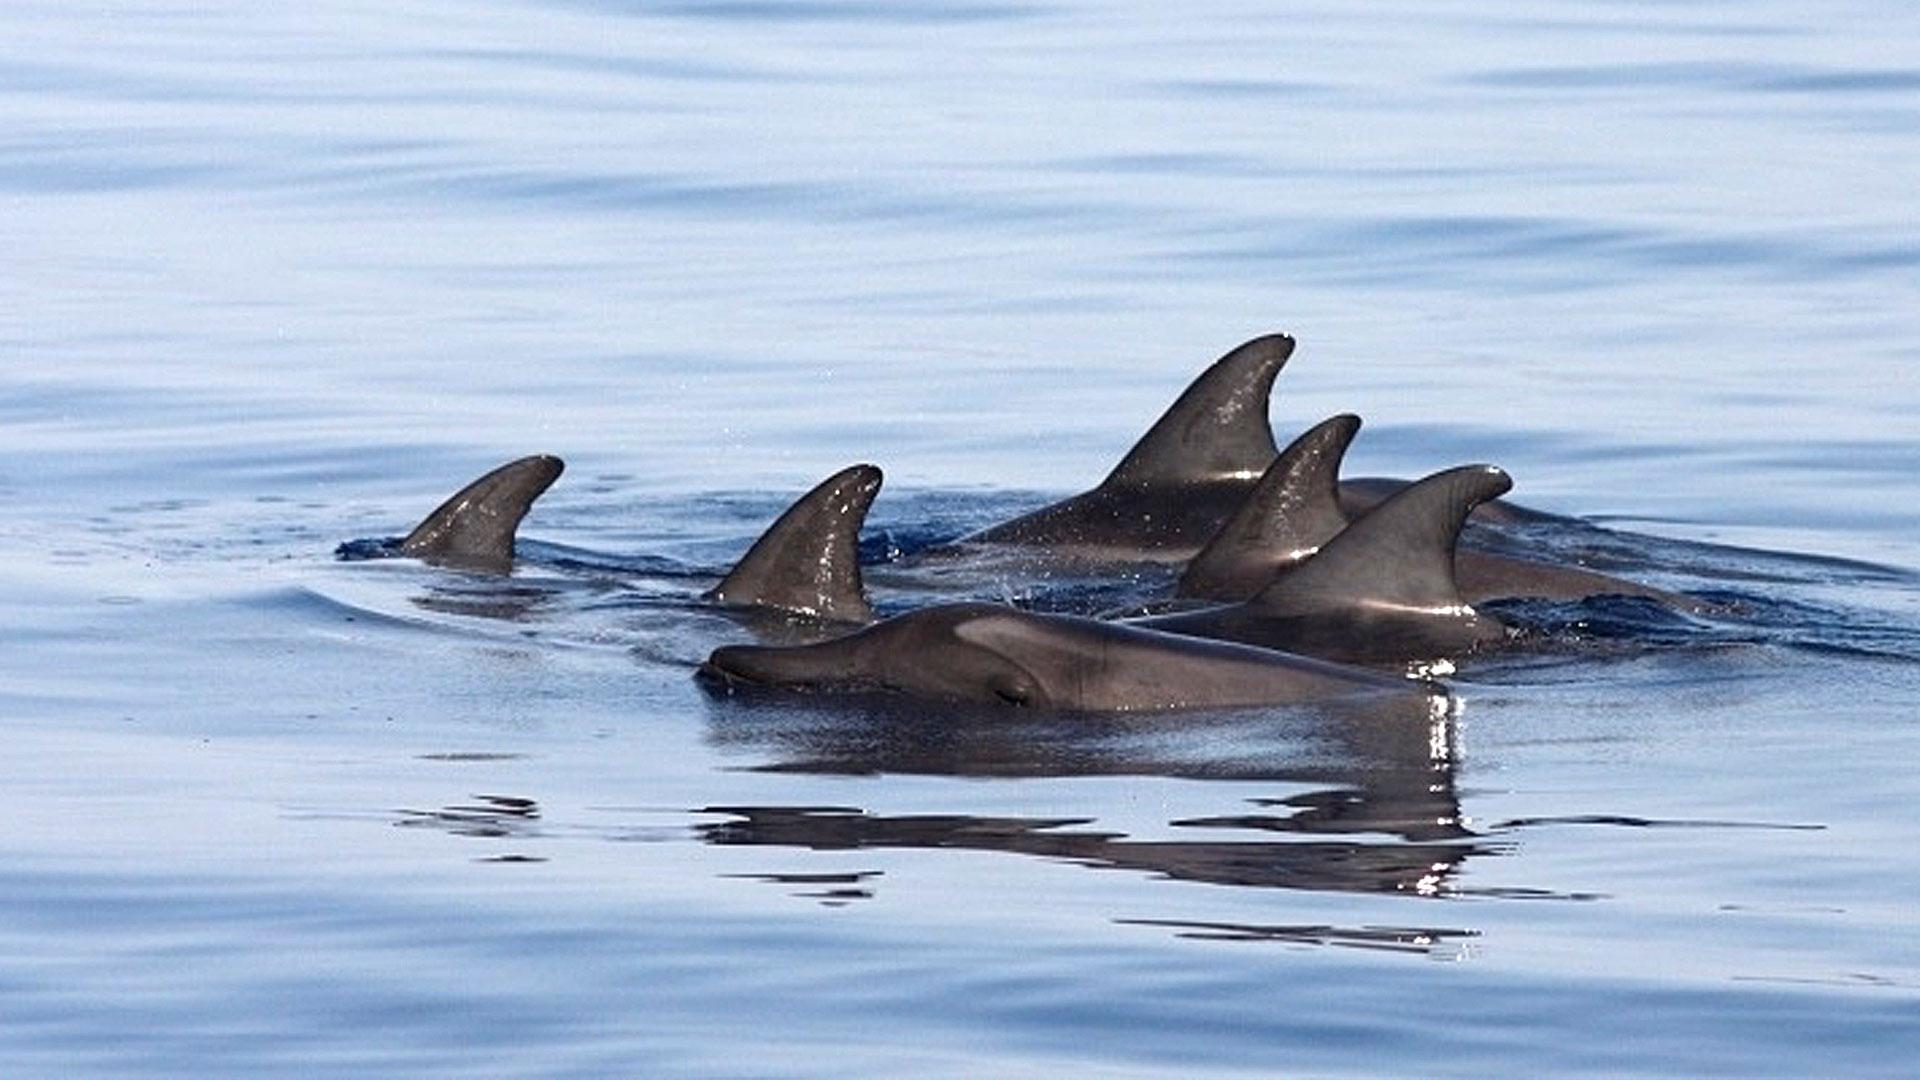 Delphine schwimmen im Meer. Rückenflosse sichtbar. | kelonya.ch